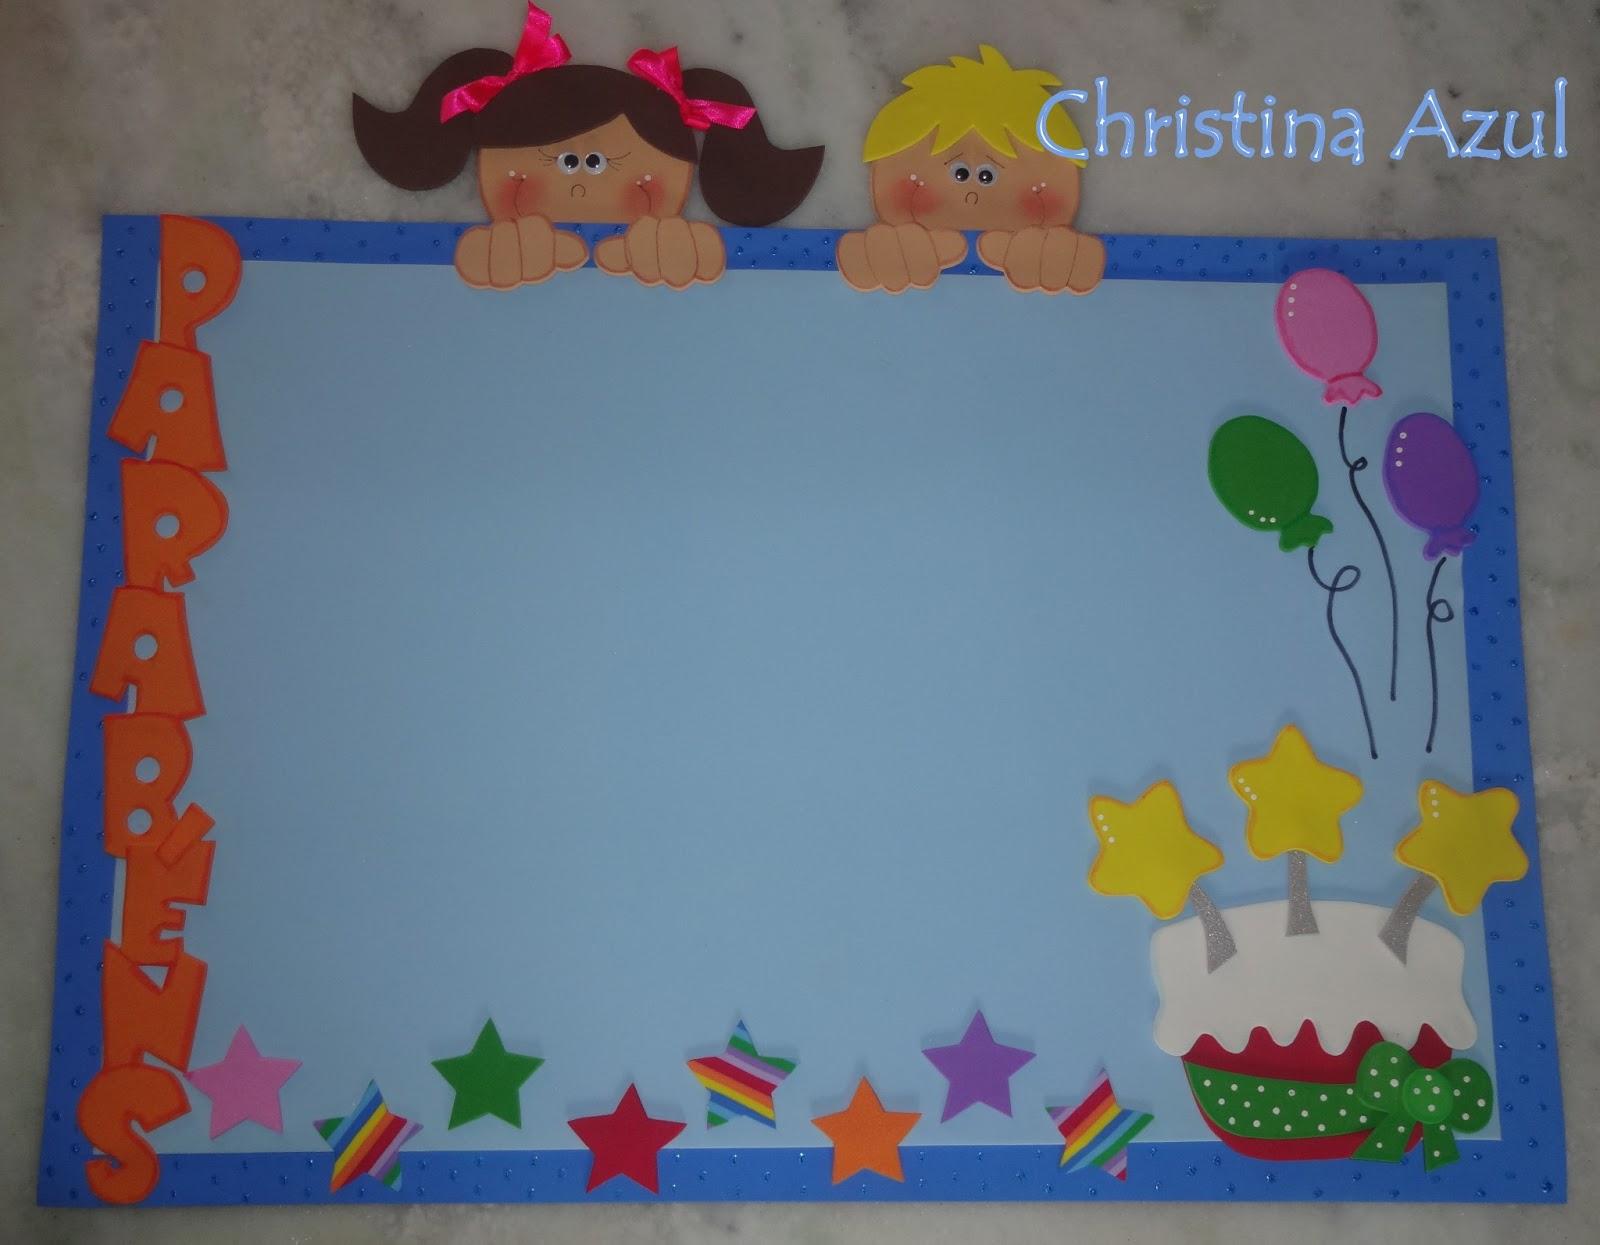 christina azul mural de aniversariantes em eva crian as